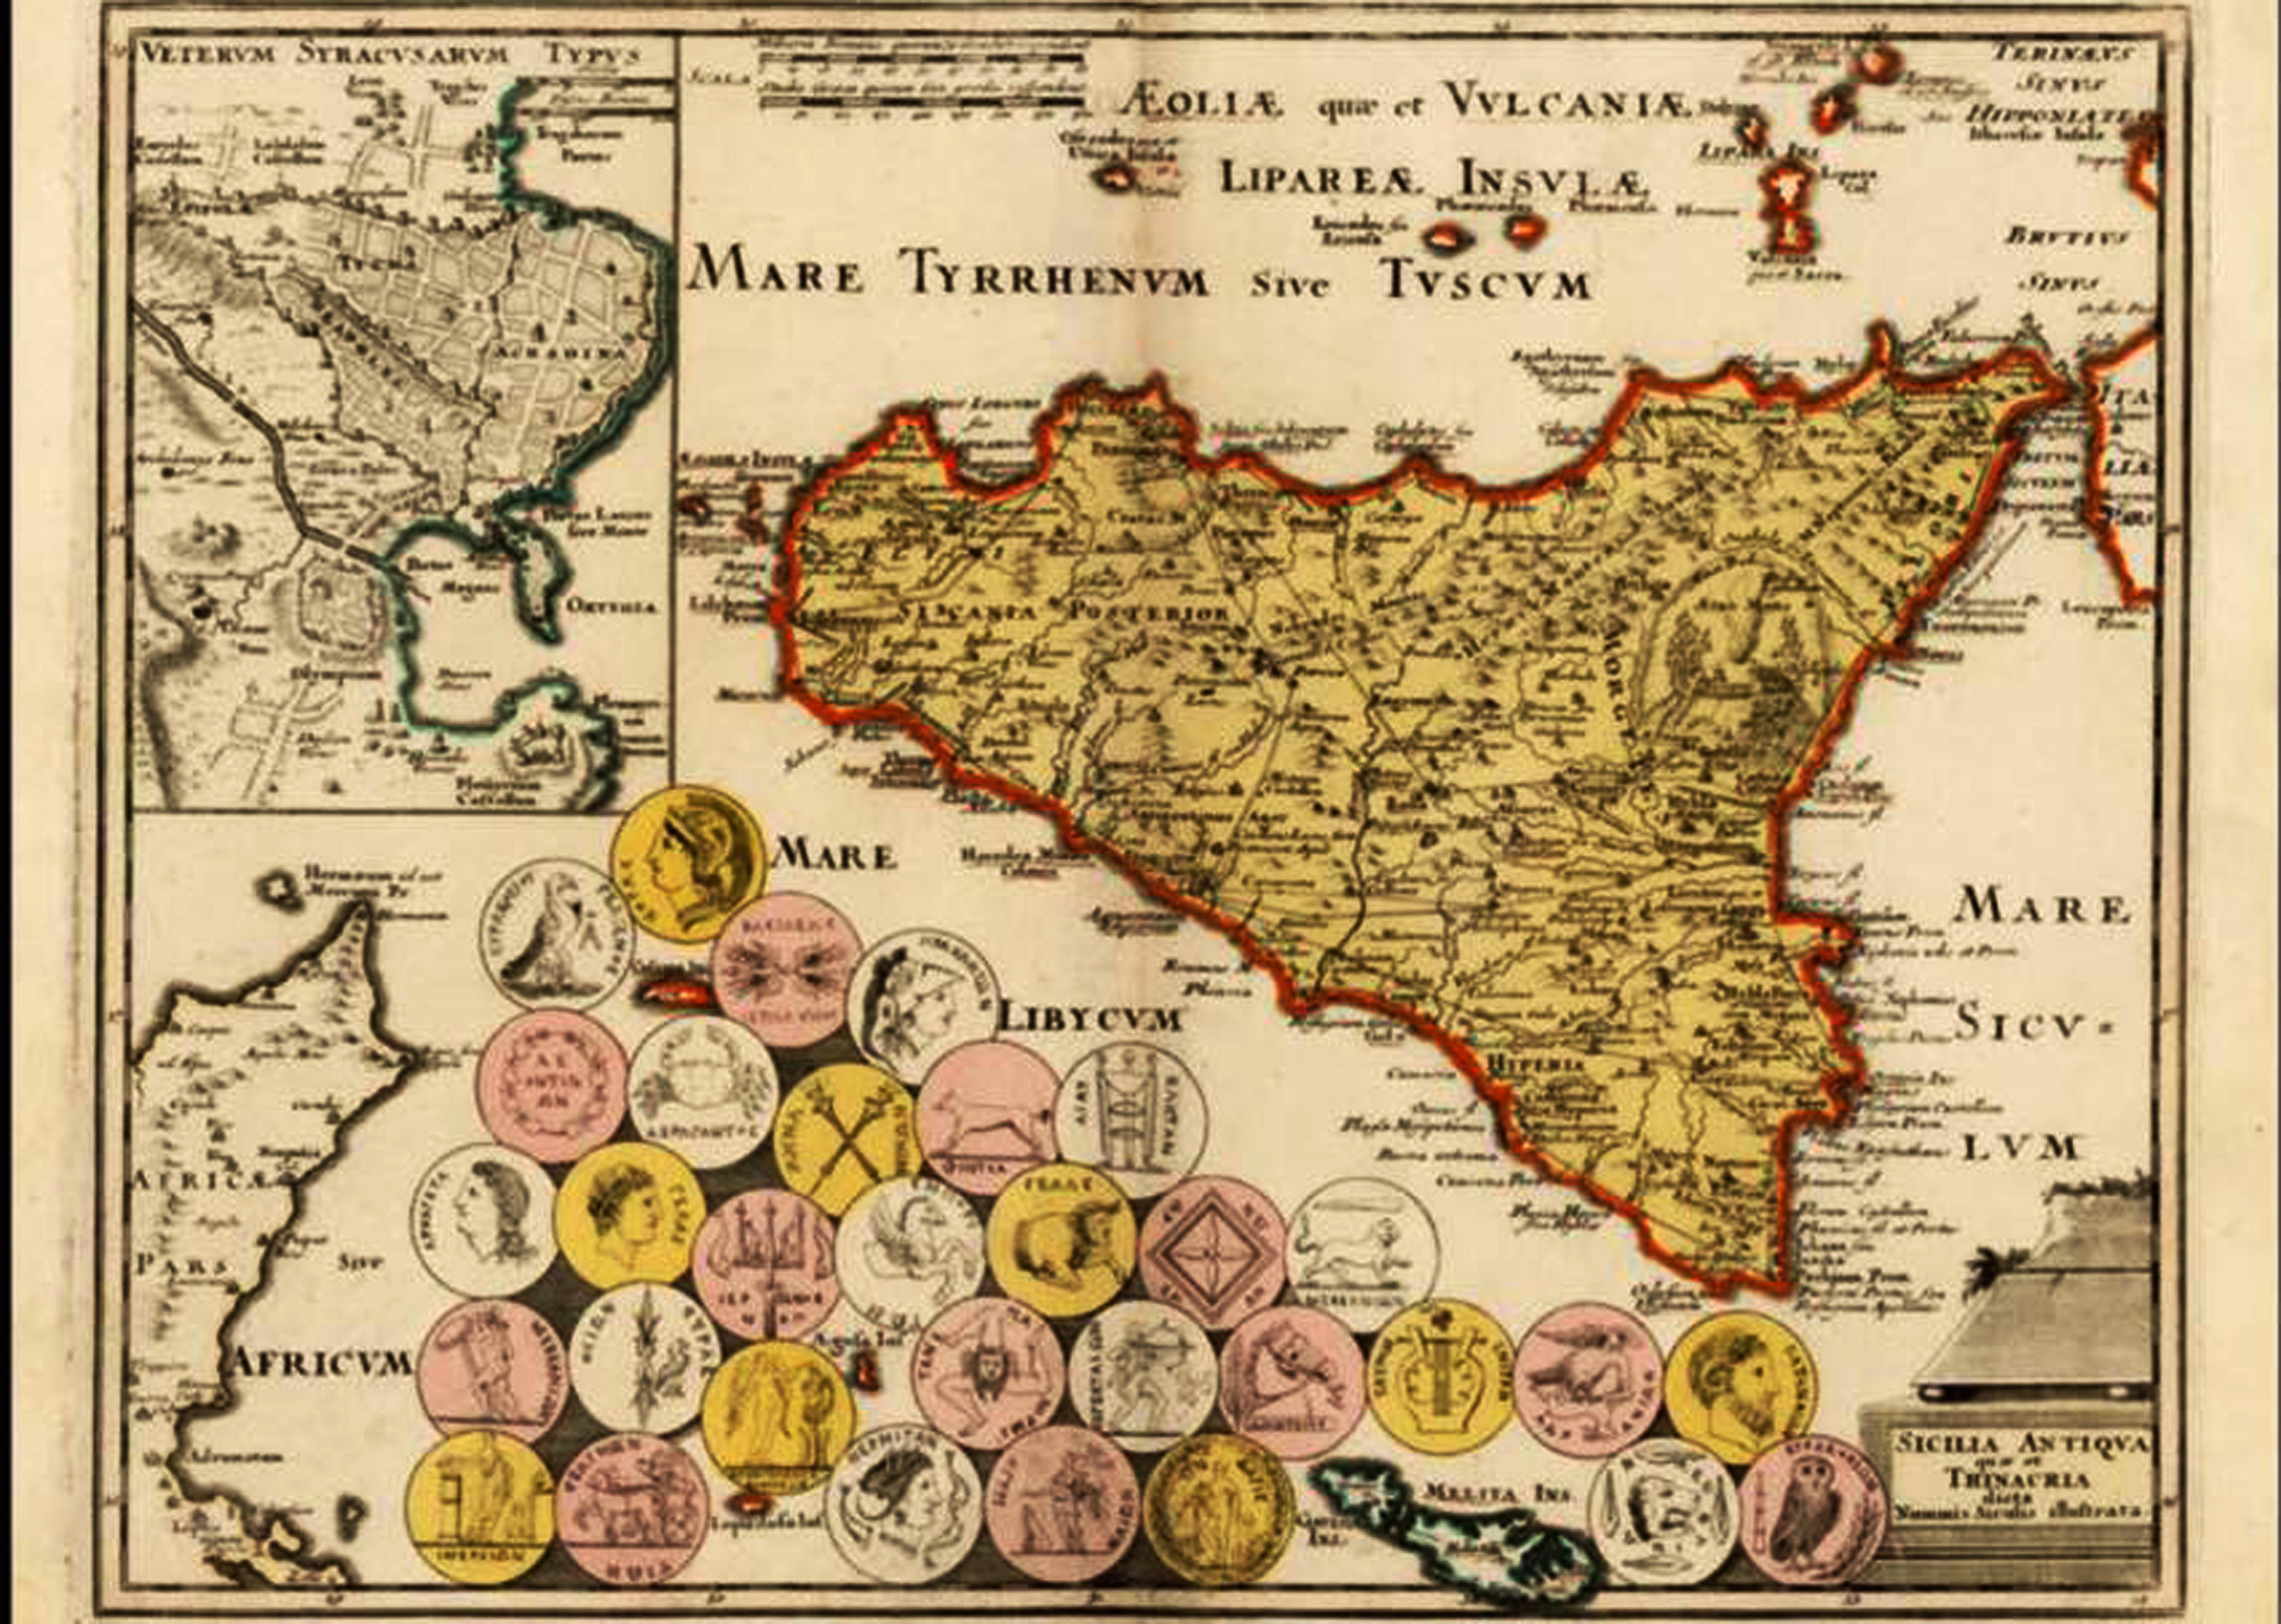 Sicilia mappe sicilia mappa sicilia robert mylne 1757 thecheapjerseys Image collections